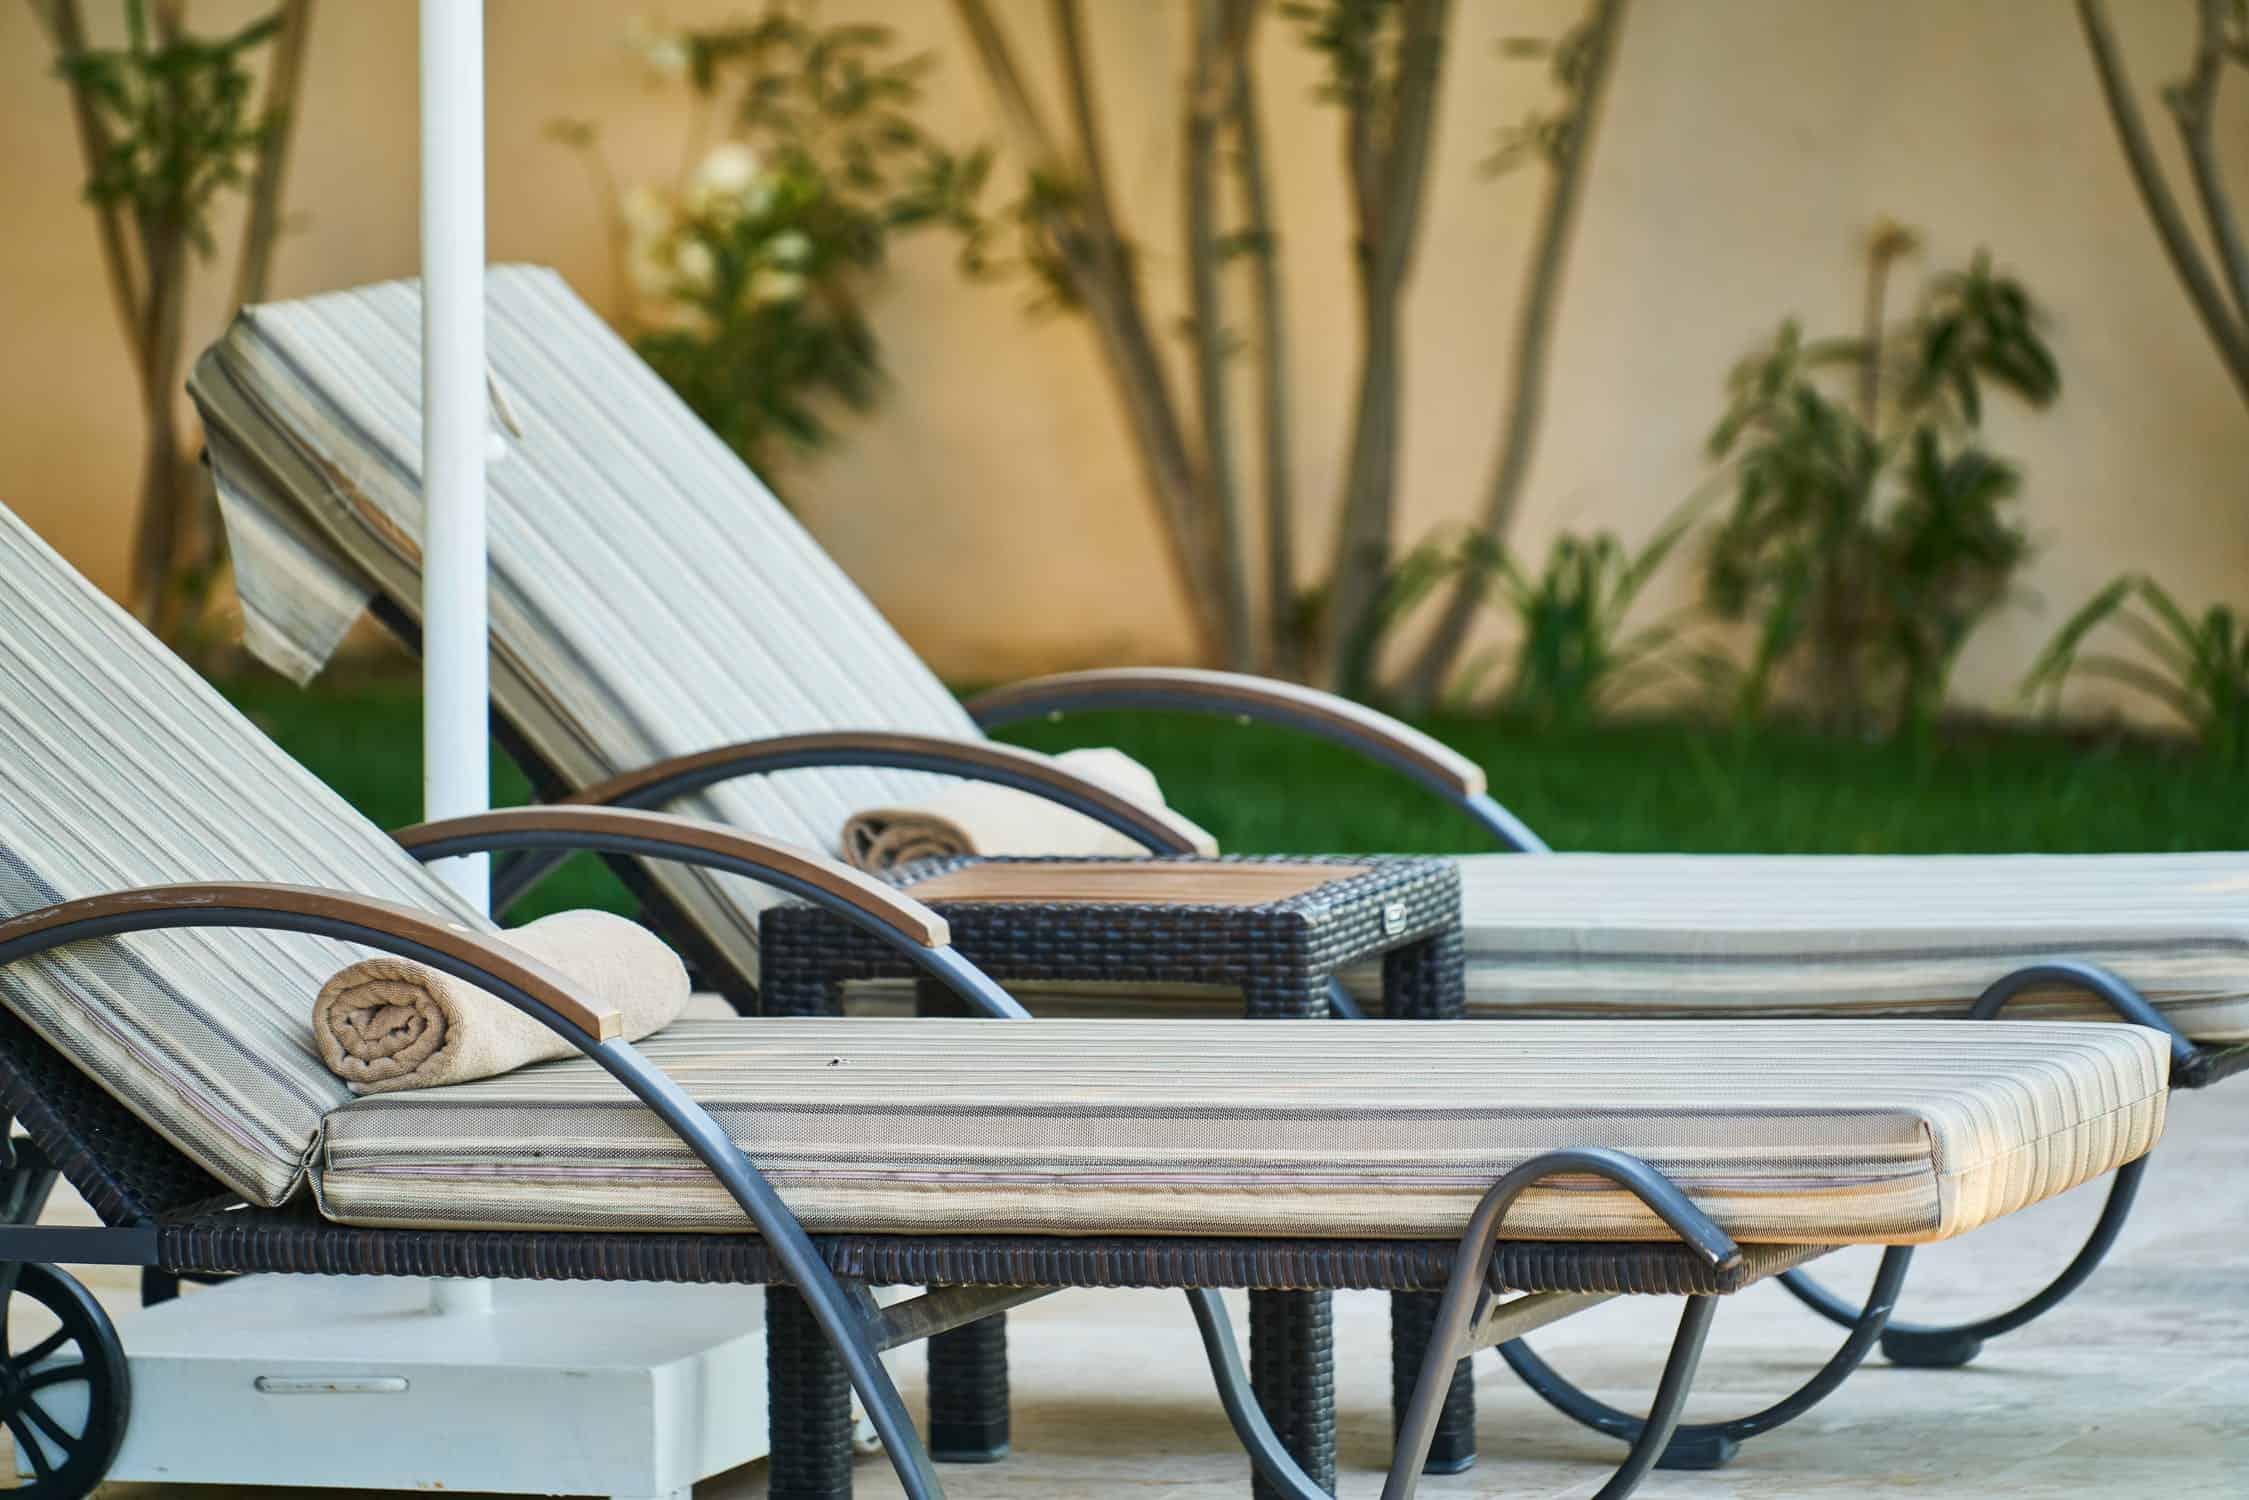 a beach lawn chair ready for sitting